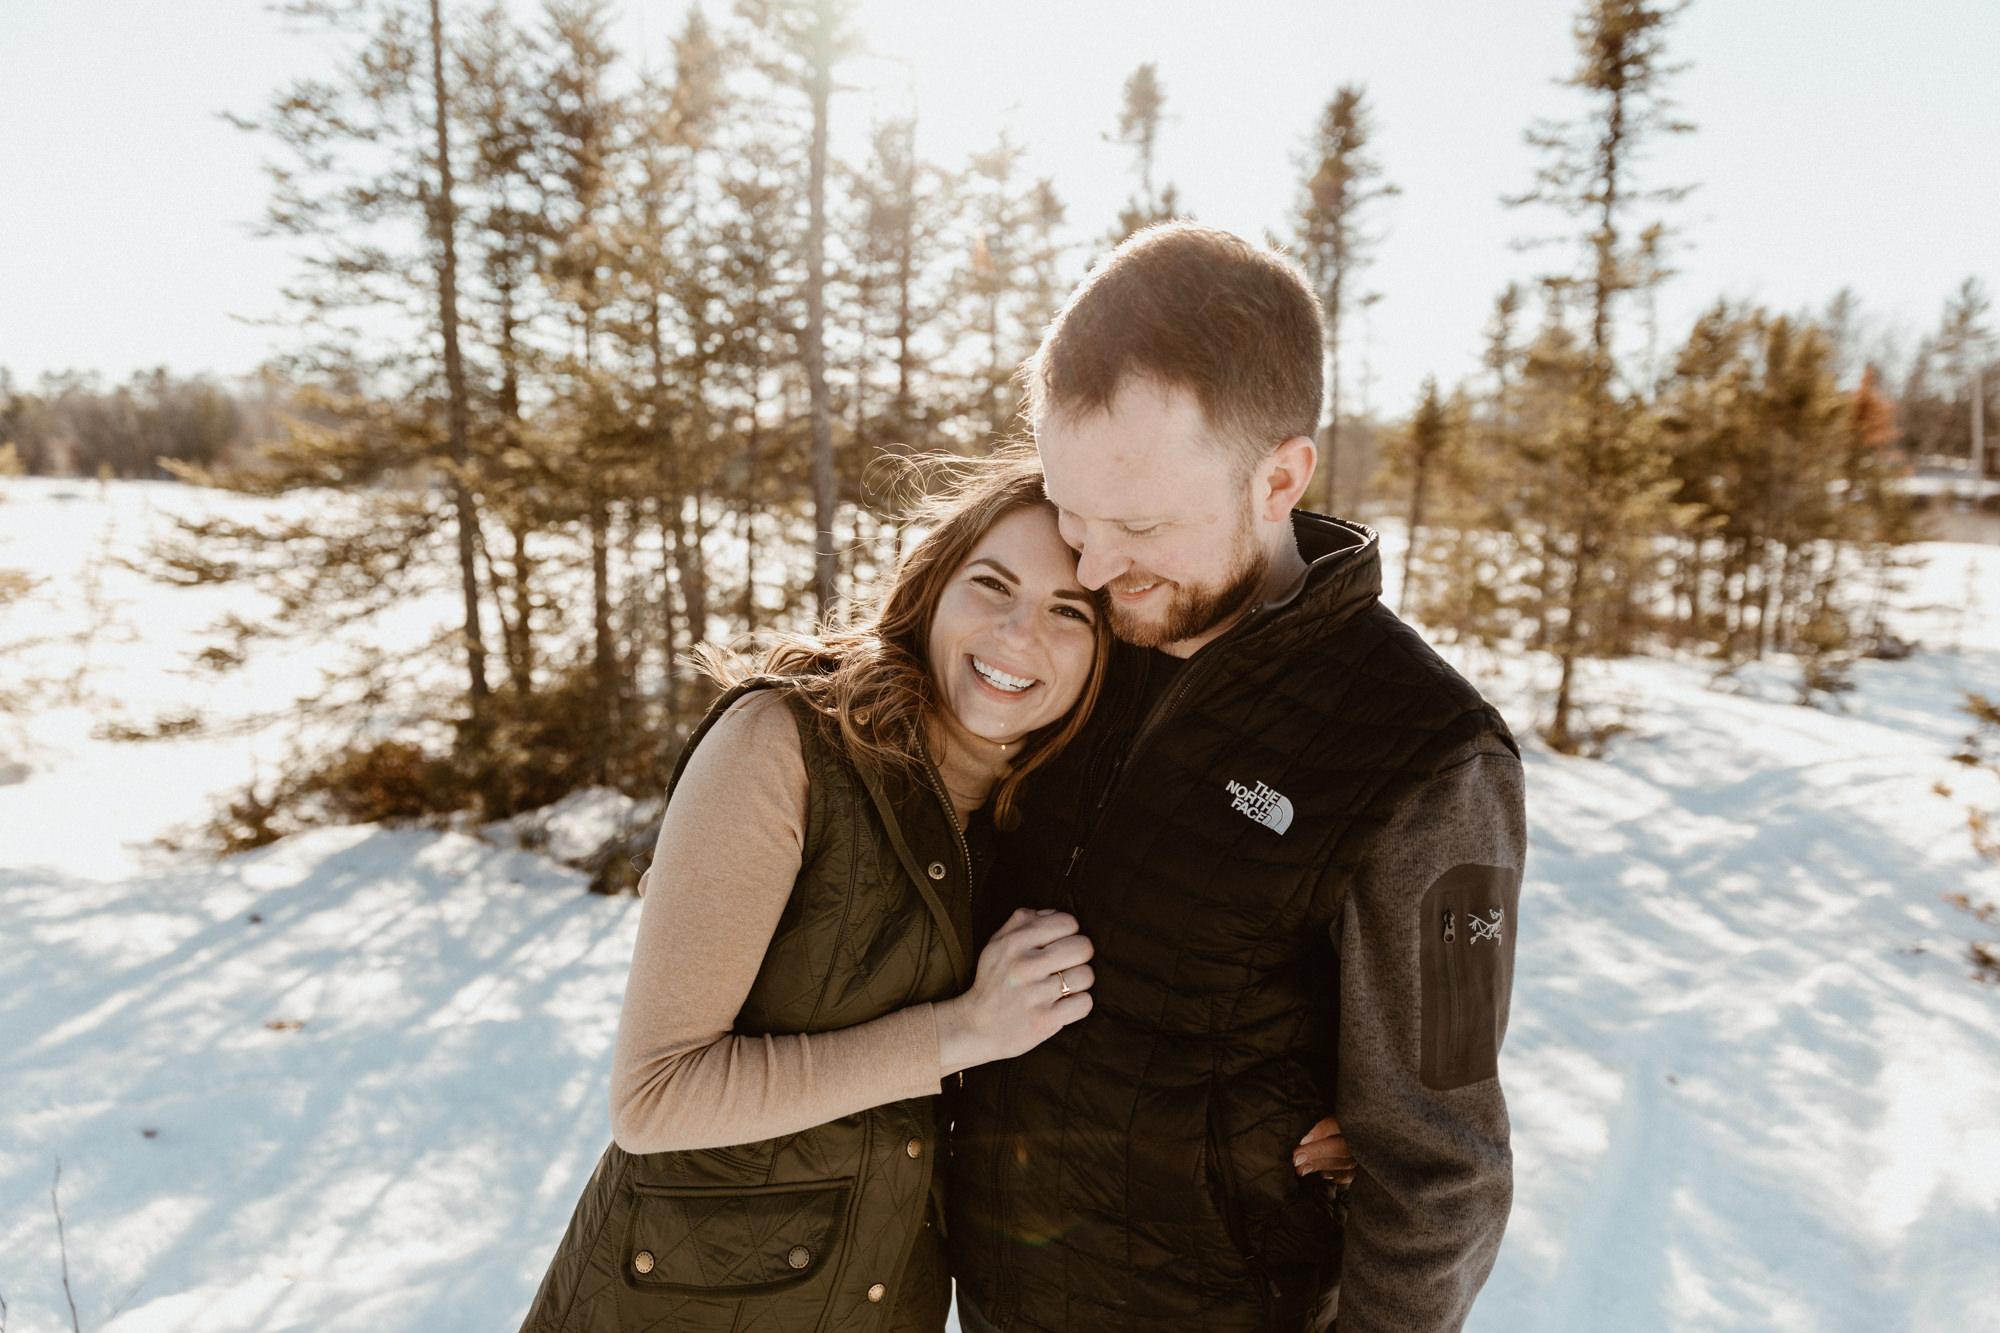 Adventurous couple photography